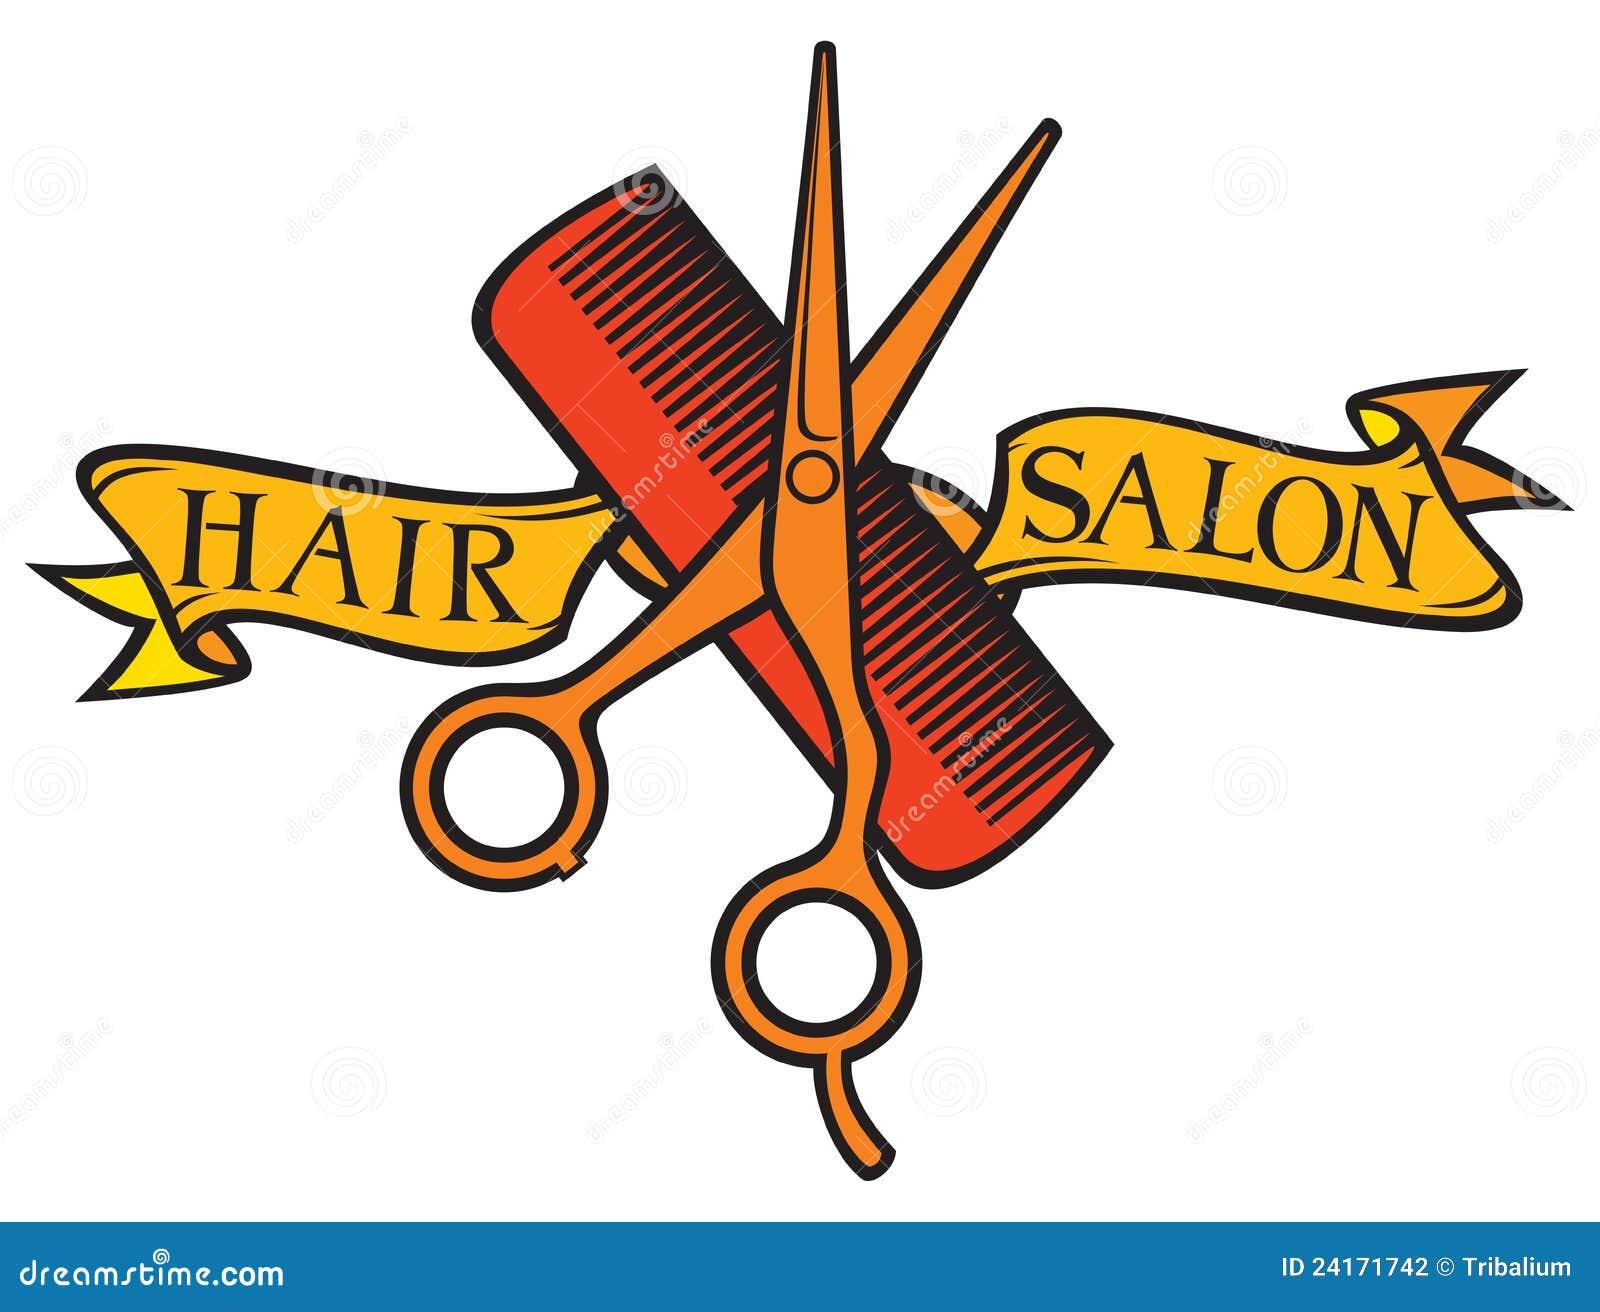 Hair Cutting Clip Art Haircut or hair salon symbol.